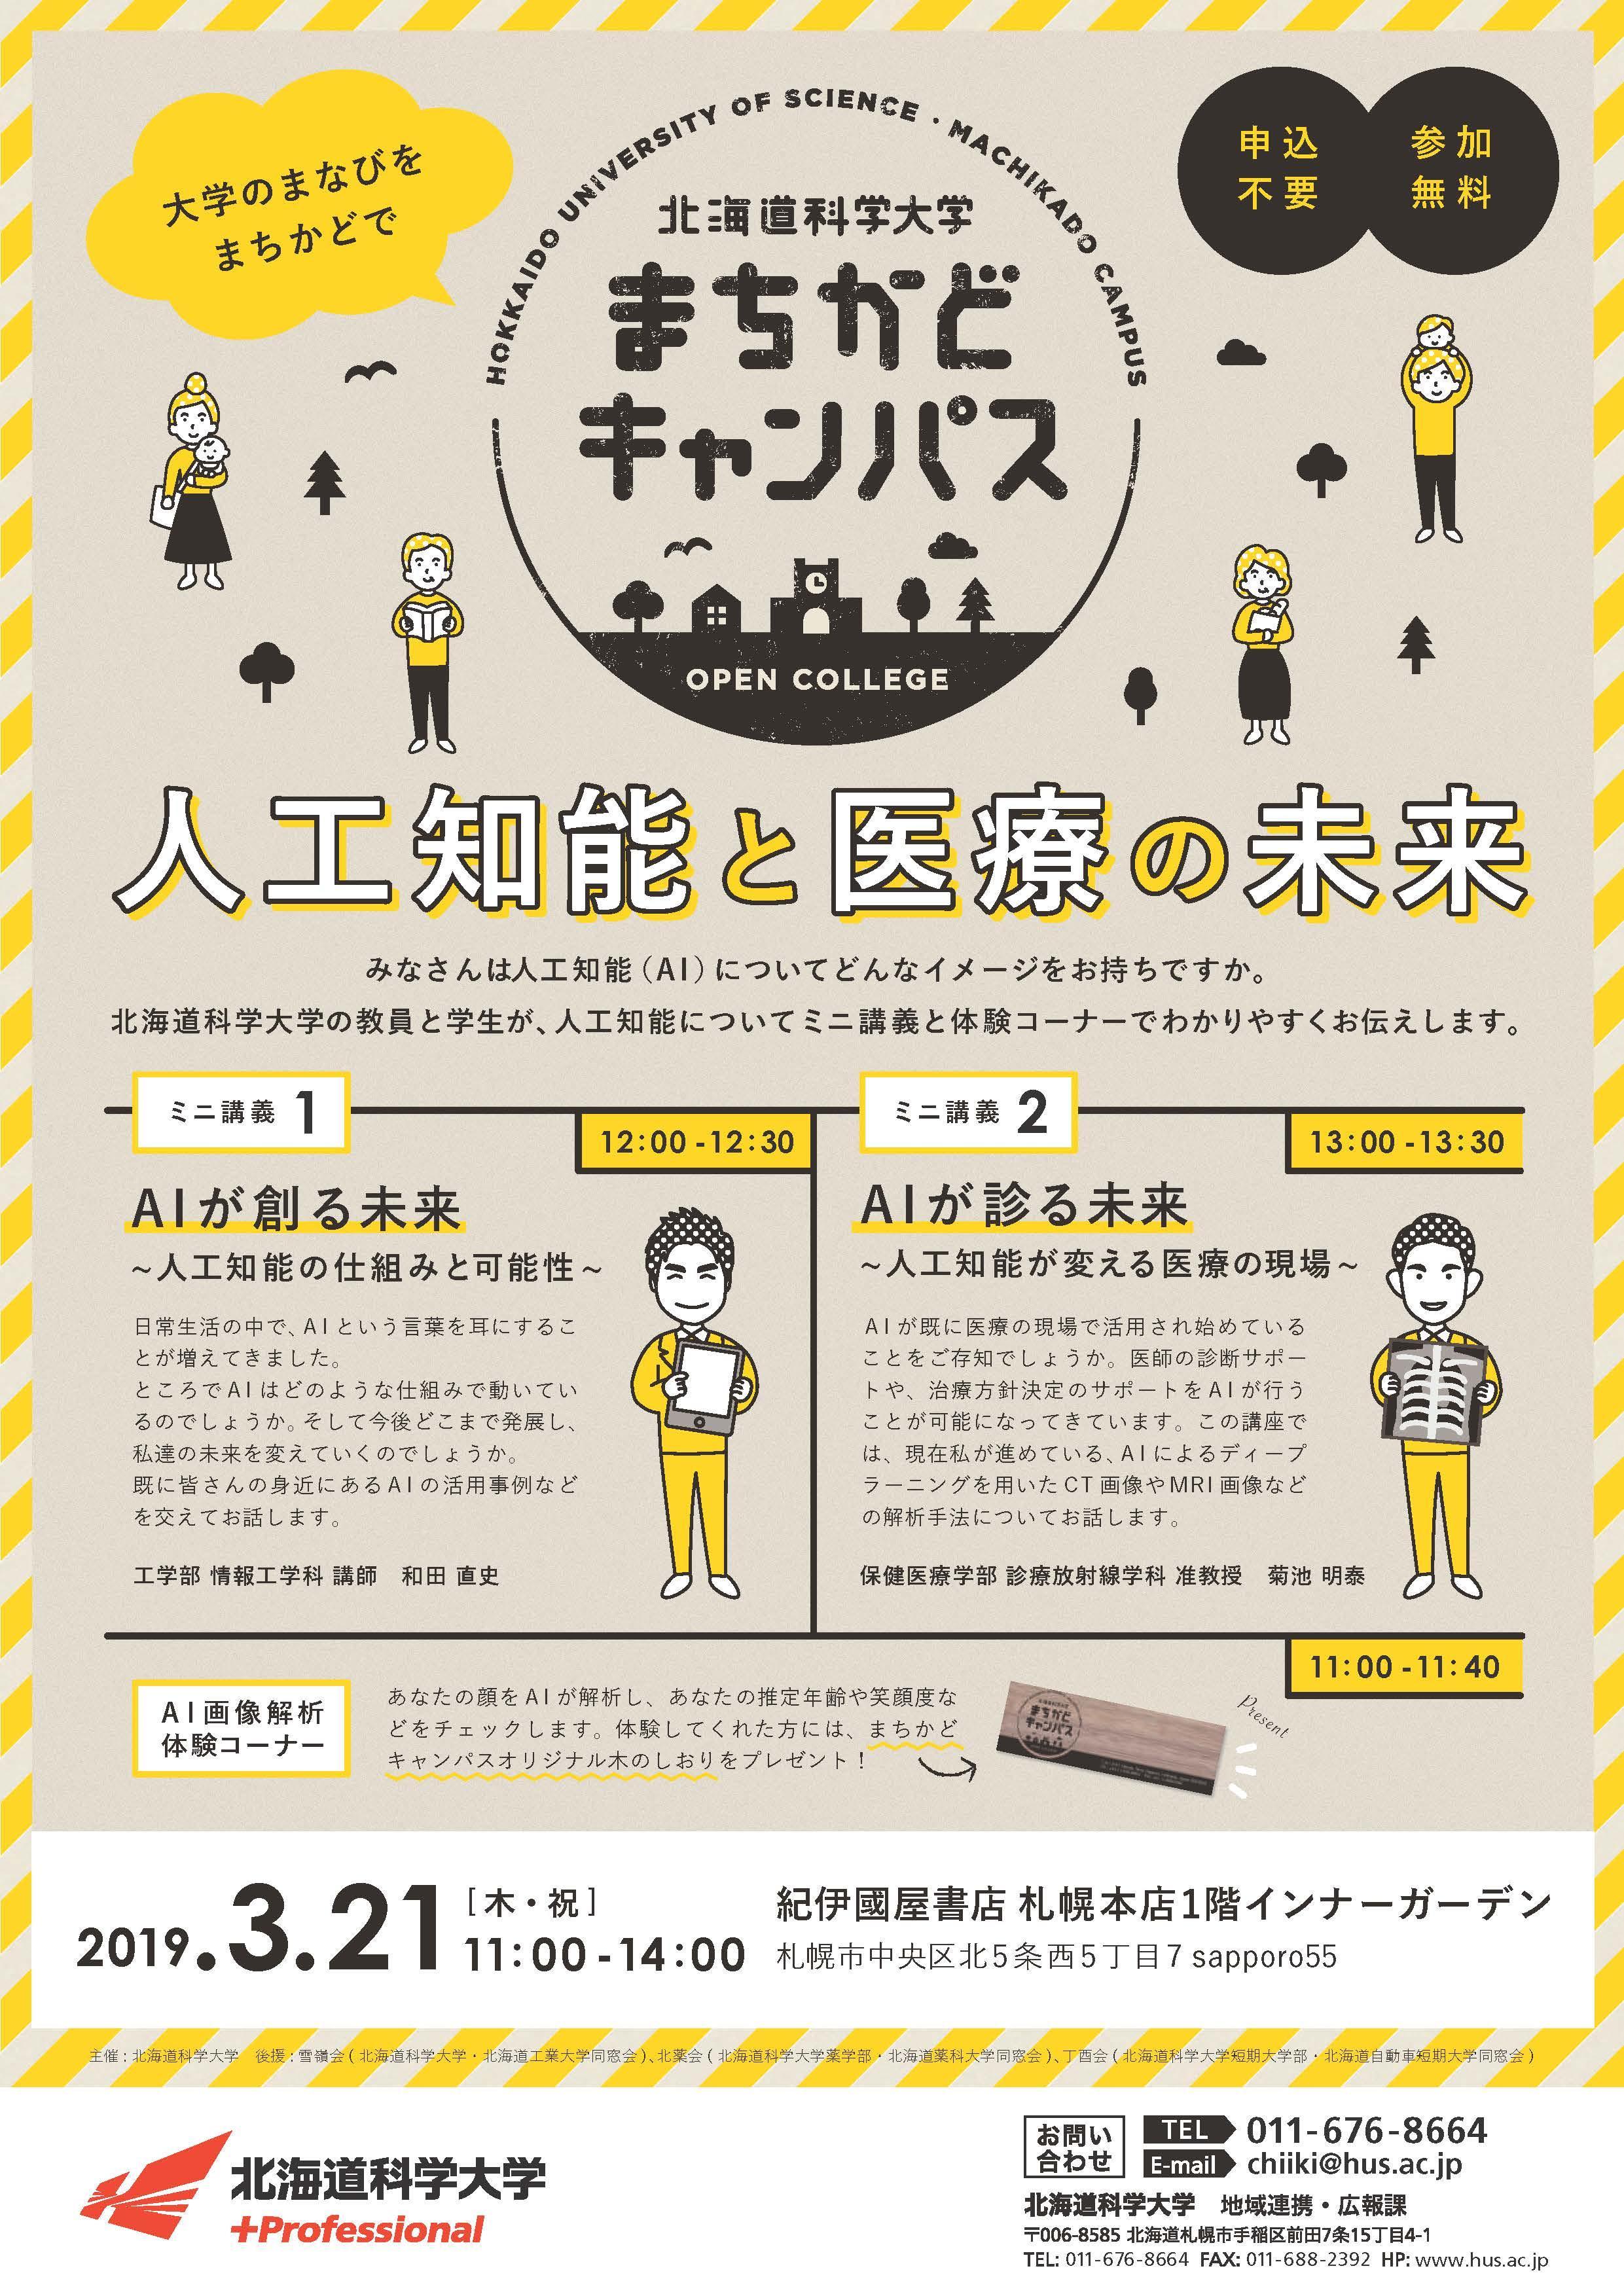 北海道科学大学まちかどキャンパス「人工知能と医療の未来」を紀伊国屋書店札幌本店で開催